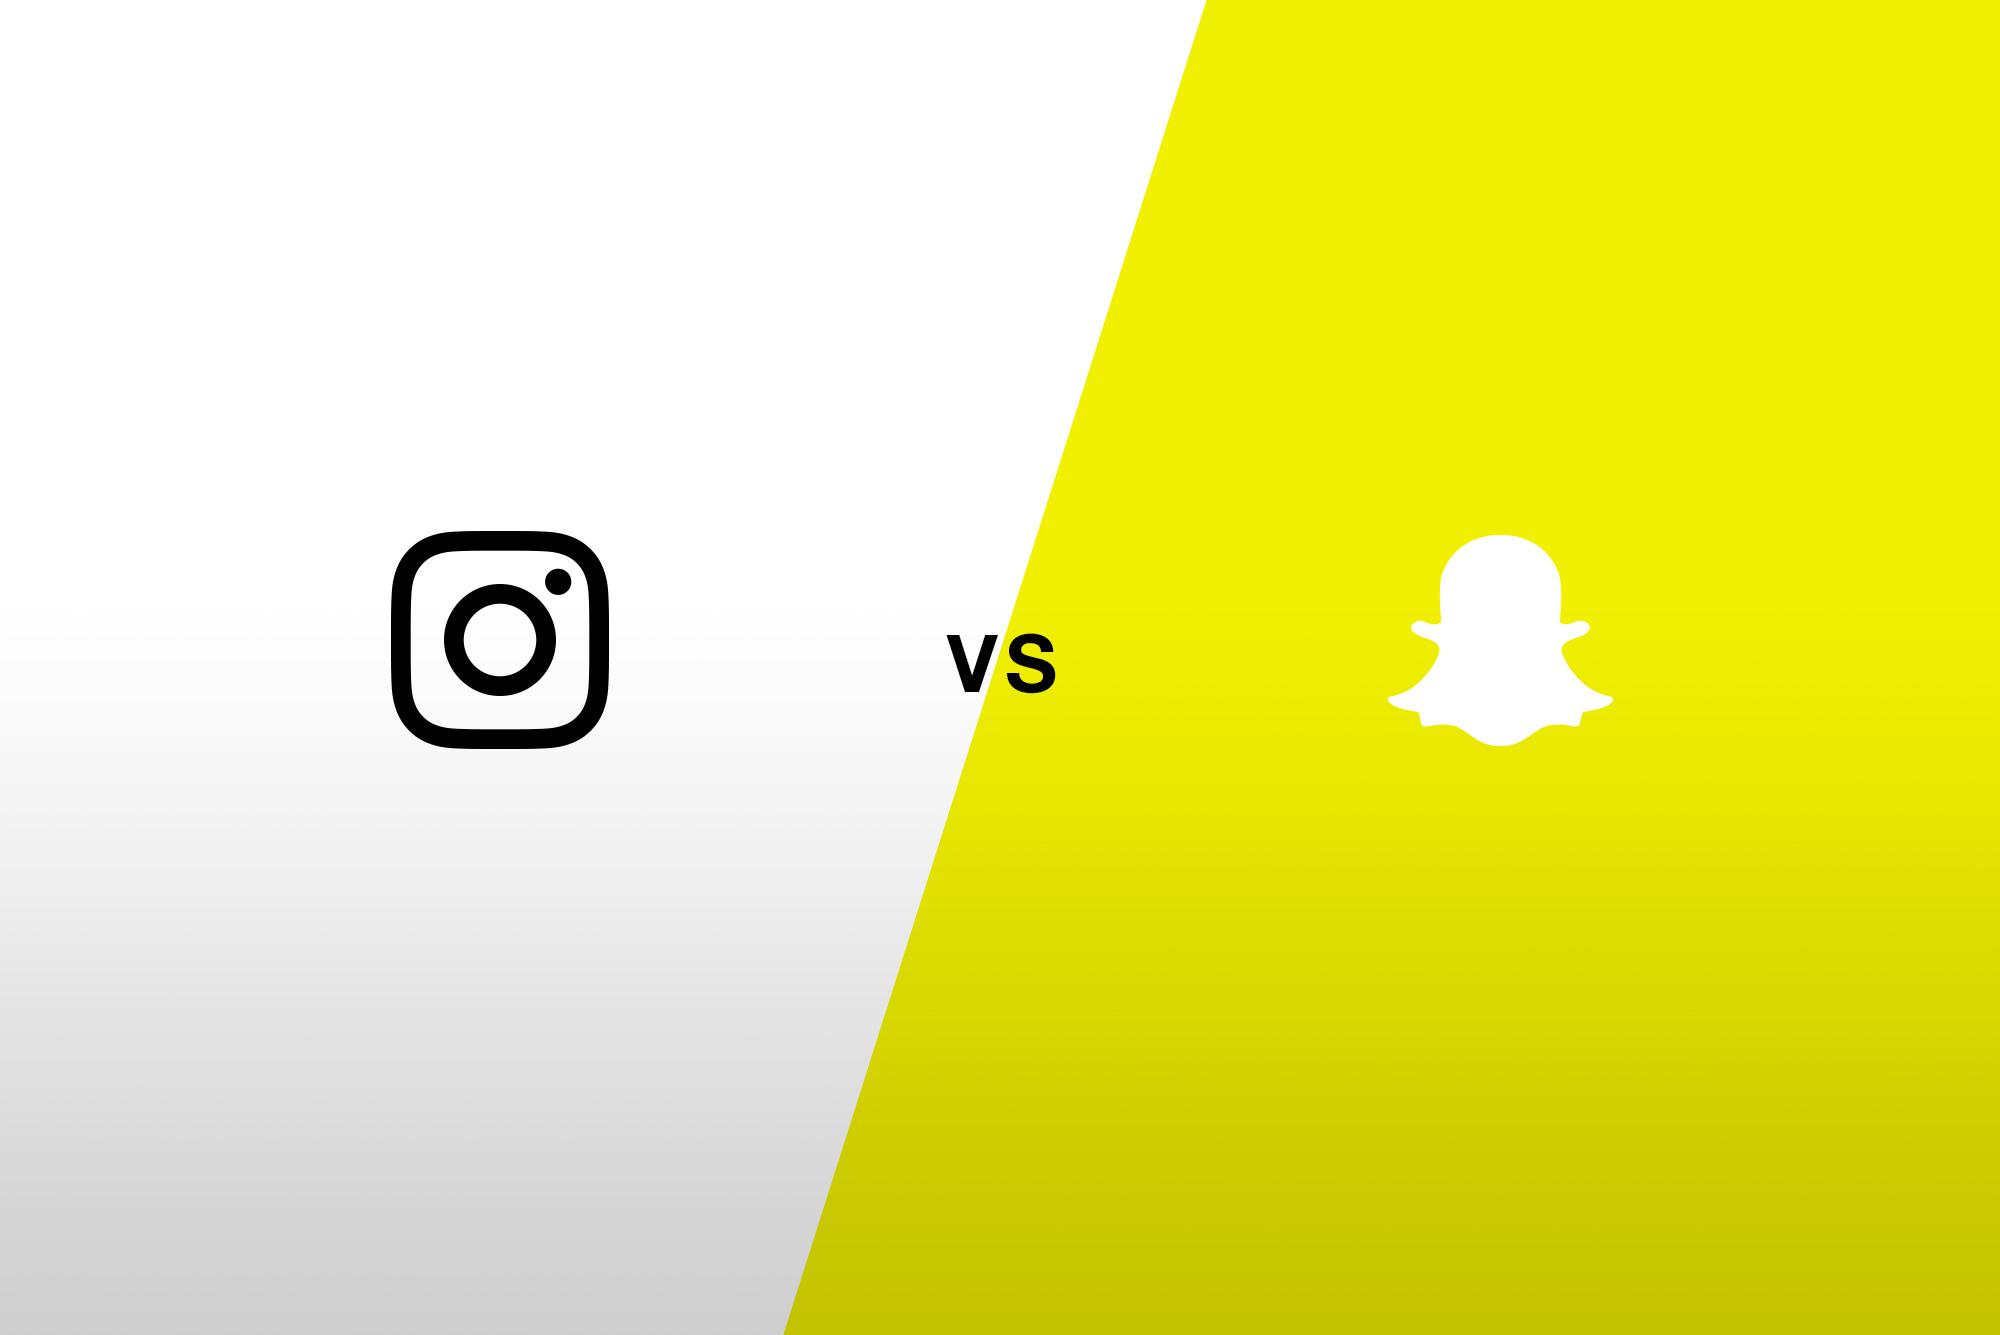 Instagram logo in black vs Snapchat logo in white. Half white, half yellow background